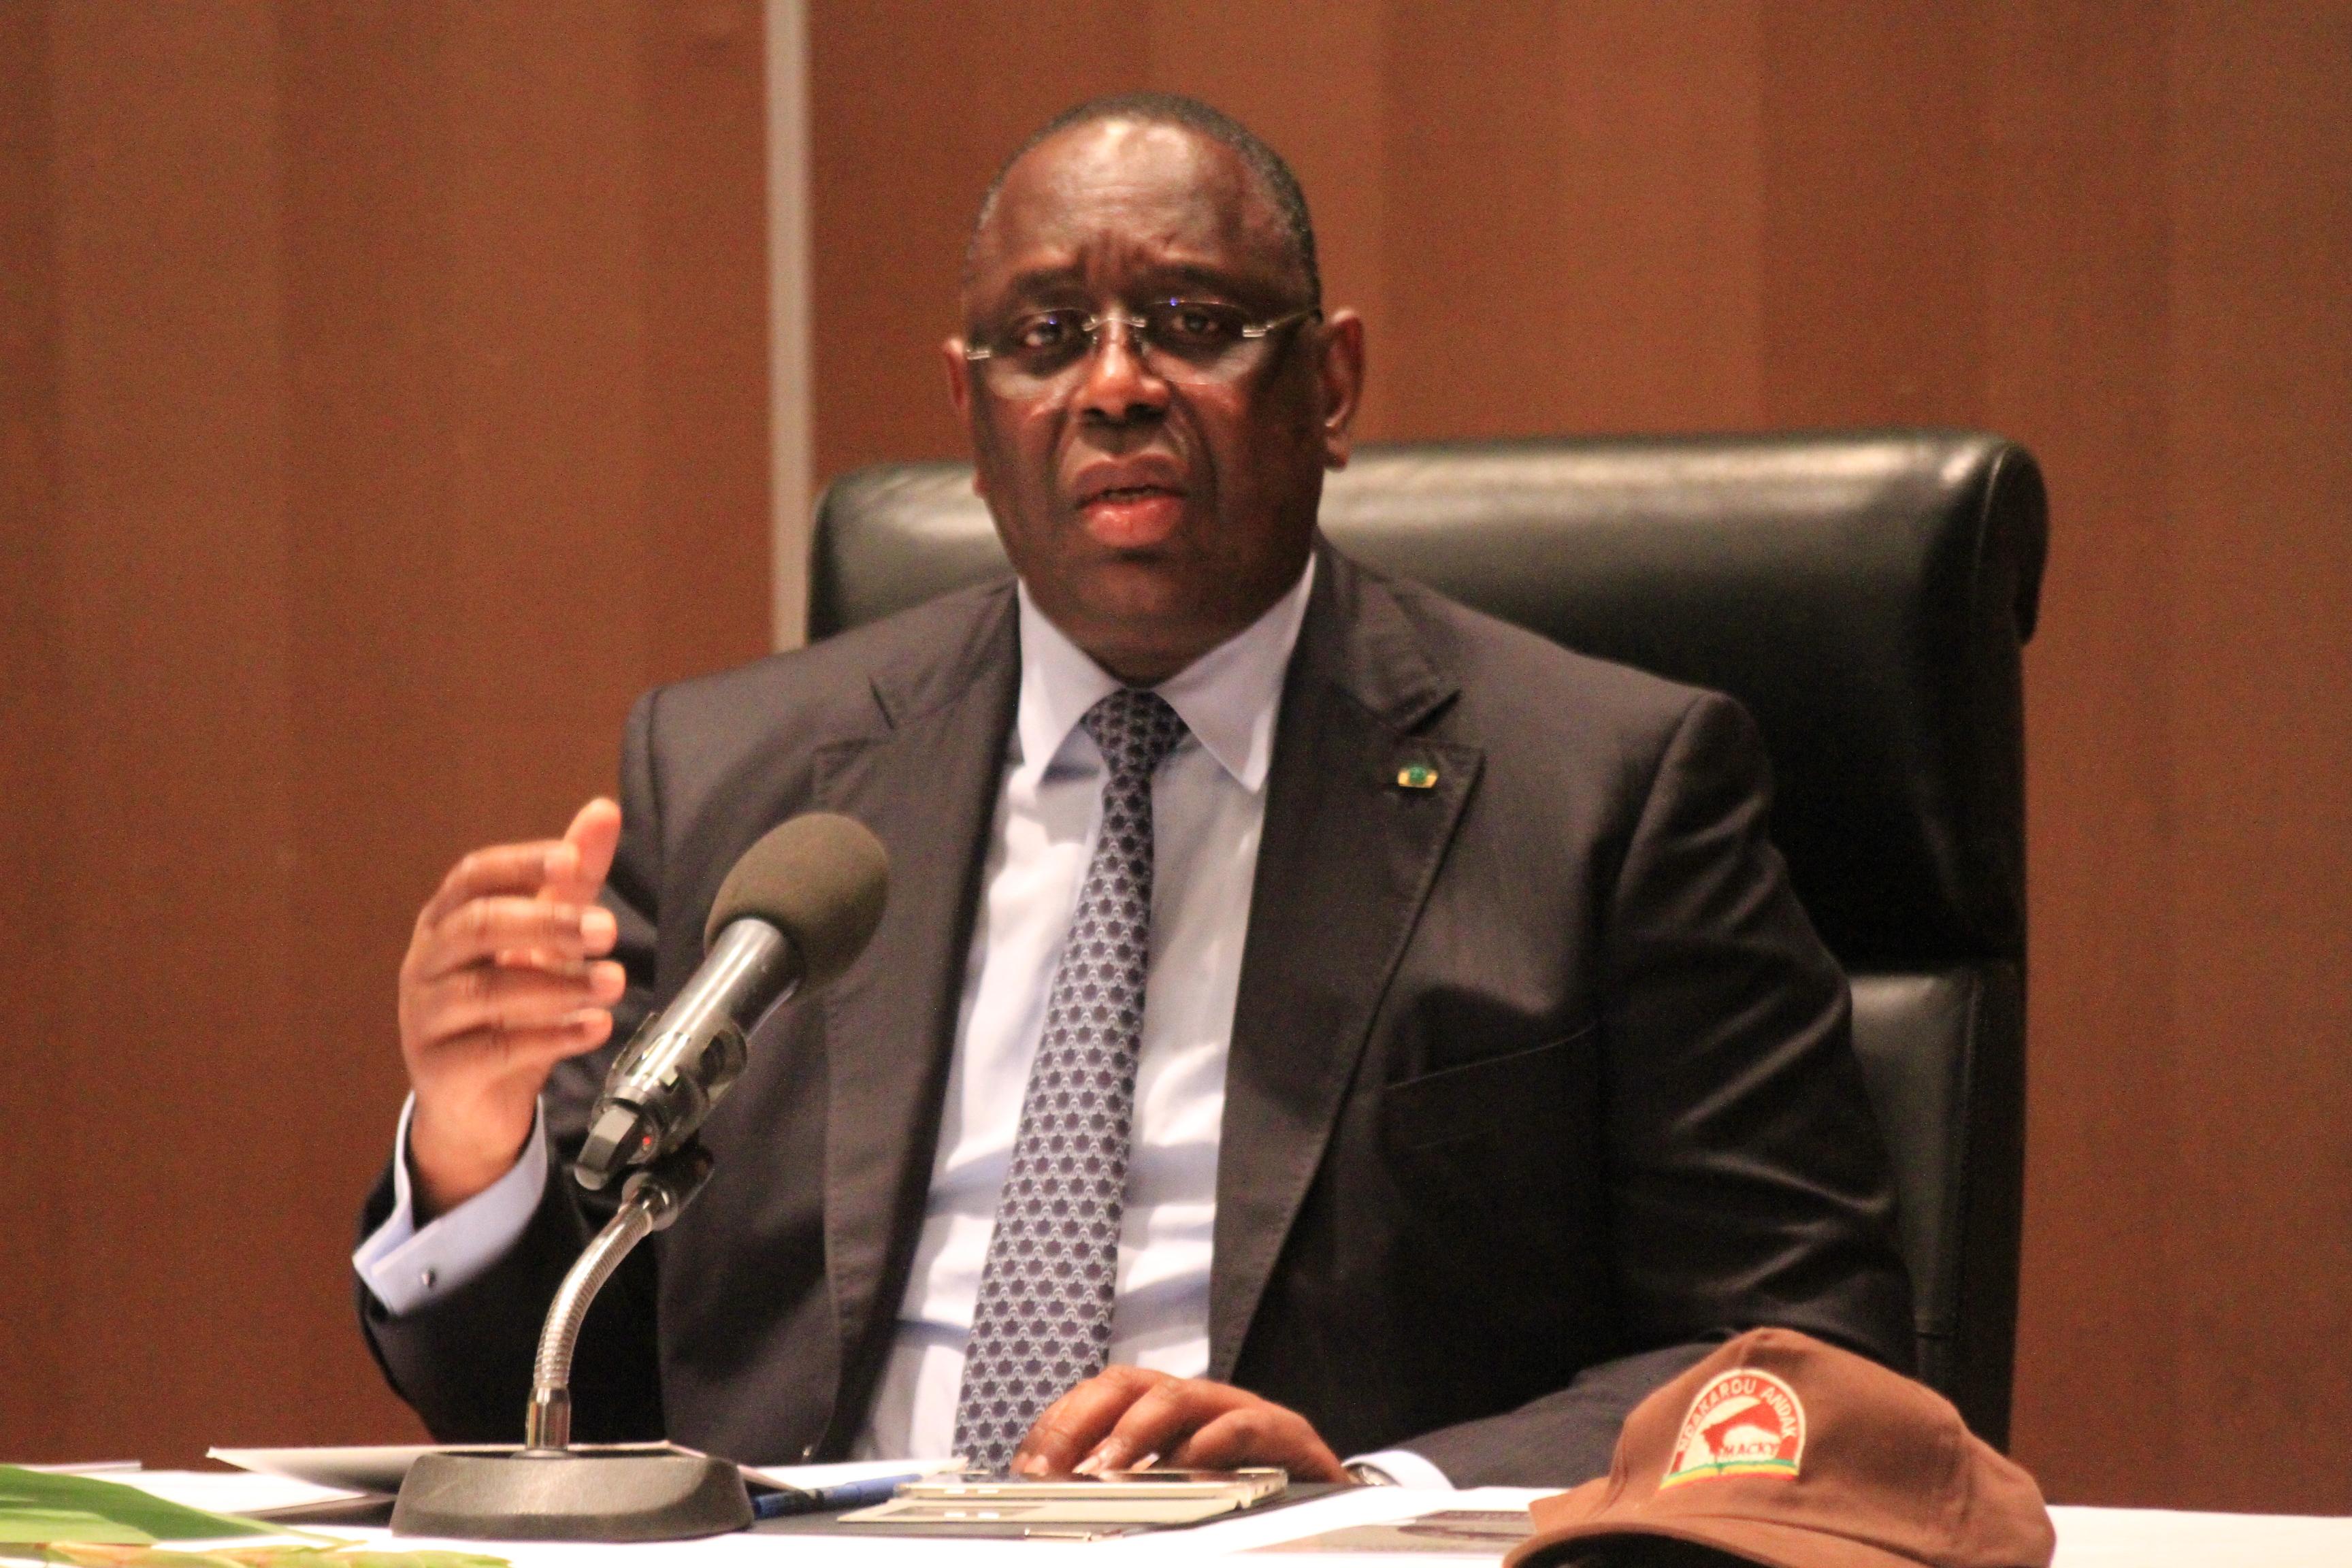 Révision Constitutionelle : Le Président ne pourra plus dissoudre l'Assemblée… Possibilité pour le Parlement d'entendre à tout moment les ministres et Directeurs généraux